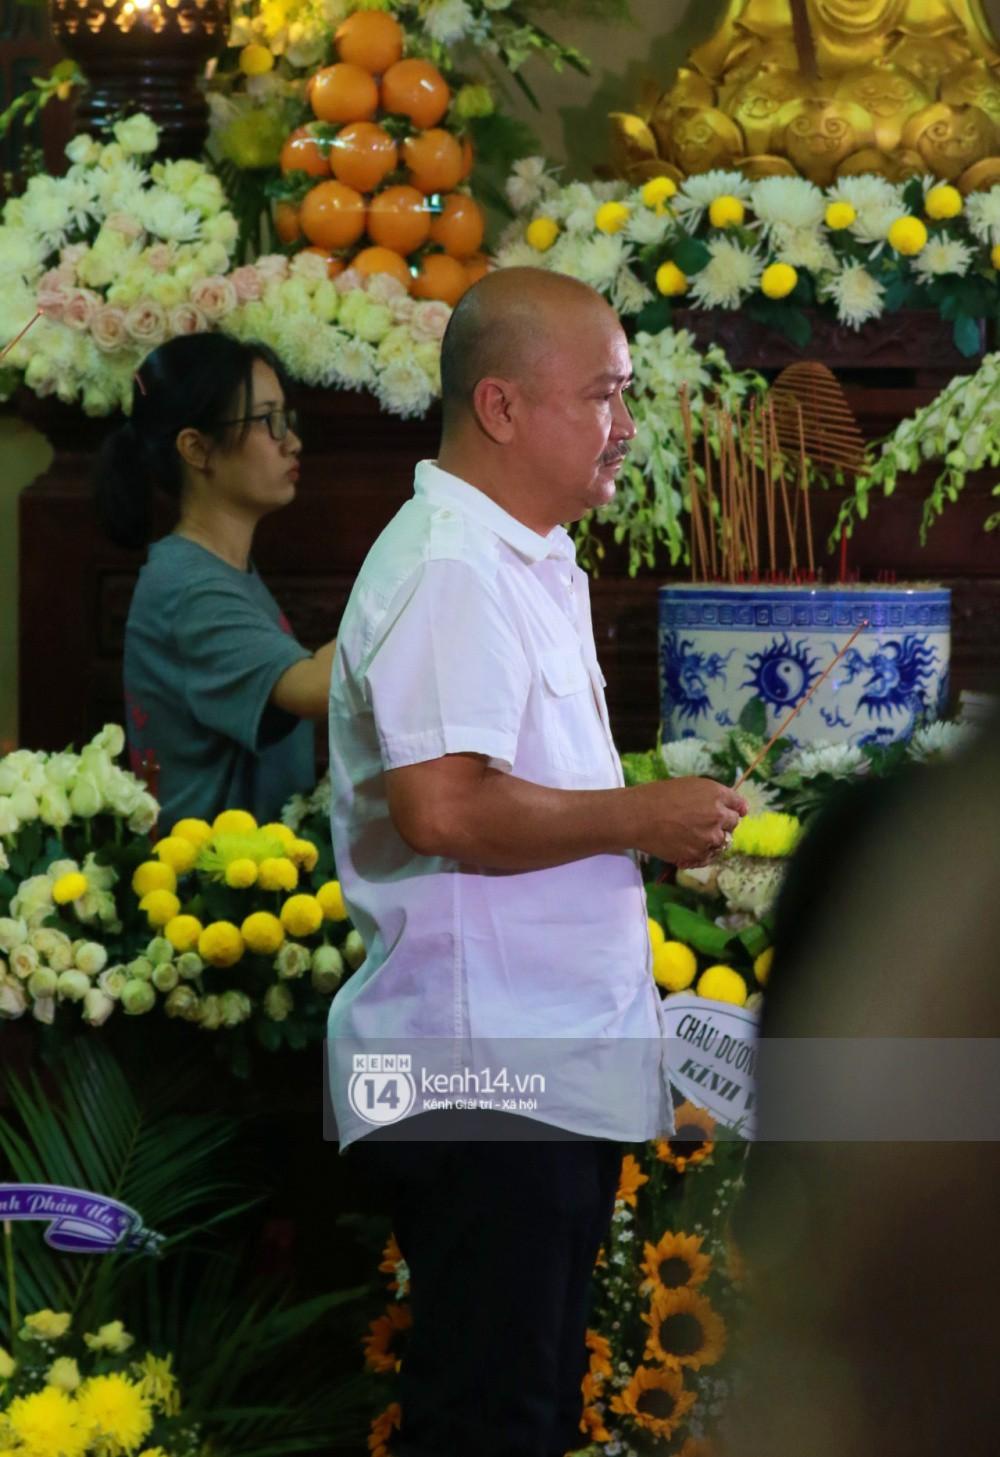 Đêm cuối cùng đám tang cố diễn viên Anh Vũ: Nghệ sĩ lặng người, không giấu được xúc động trước linh cữu-2